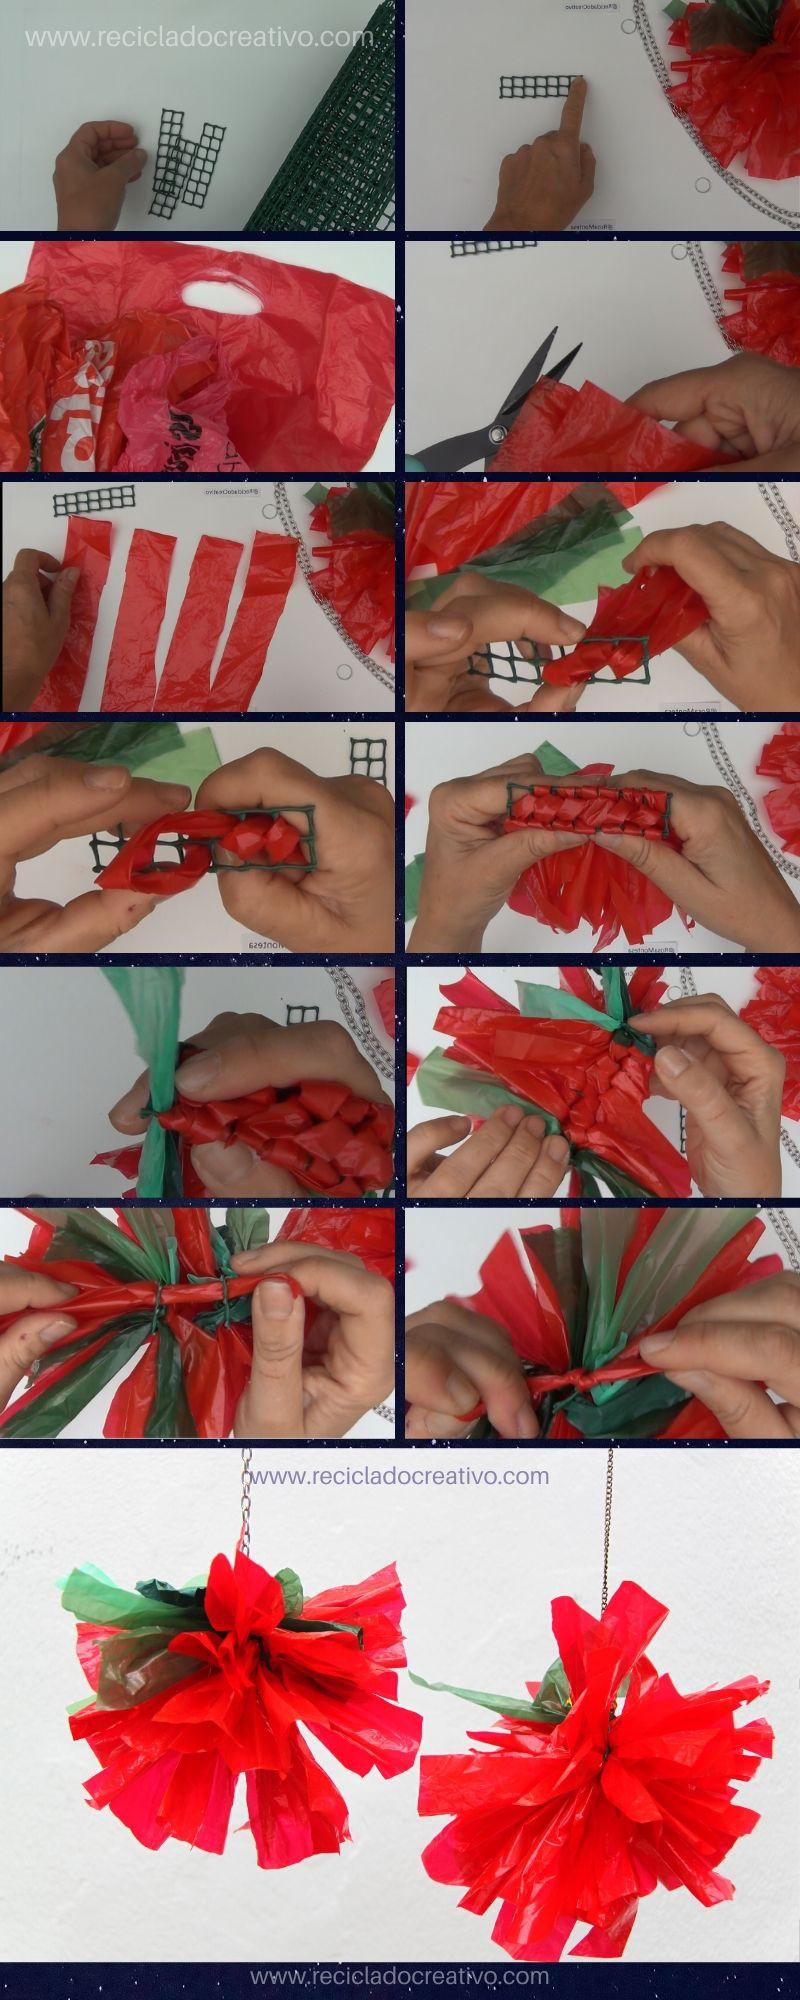 Paso a paso: flores de Navidad hechas con bolsas de plástico de color rojo